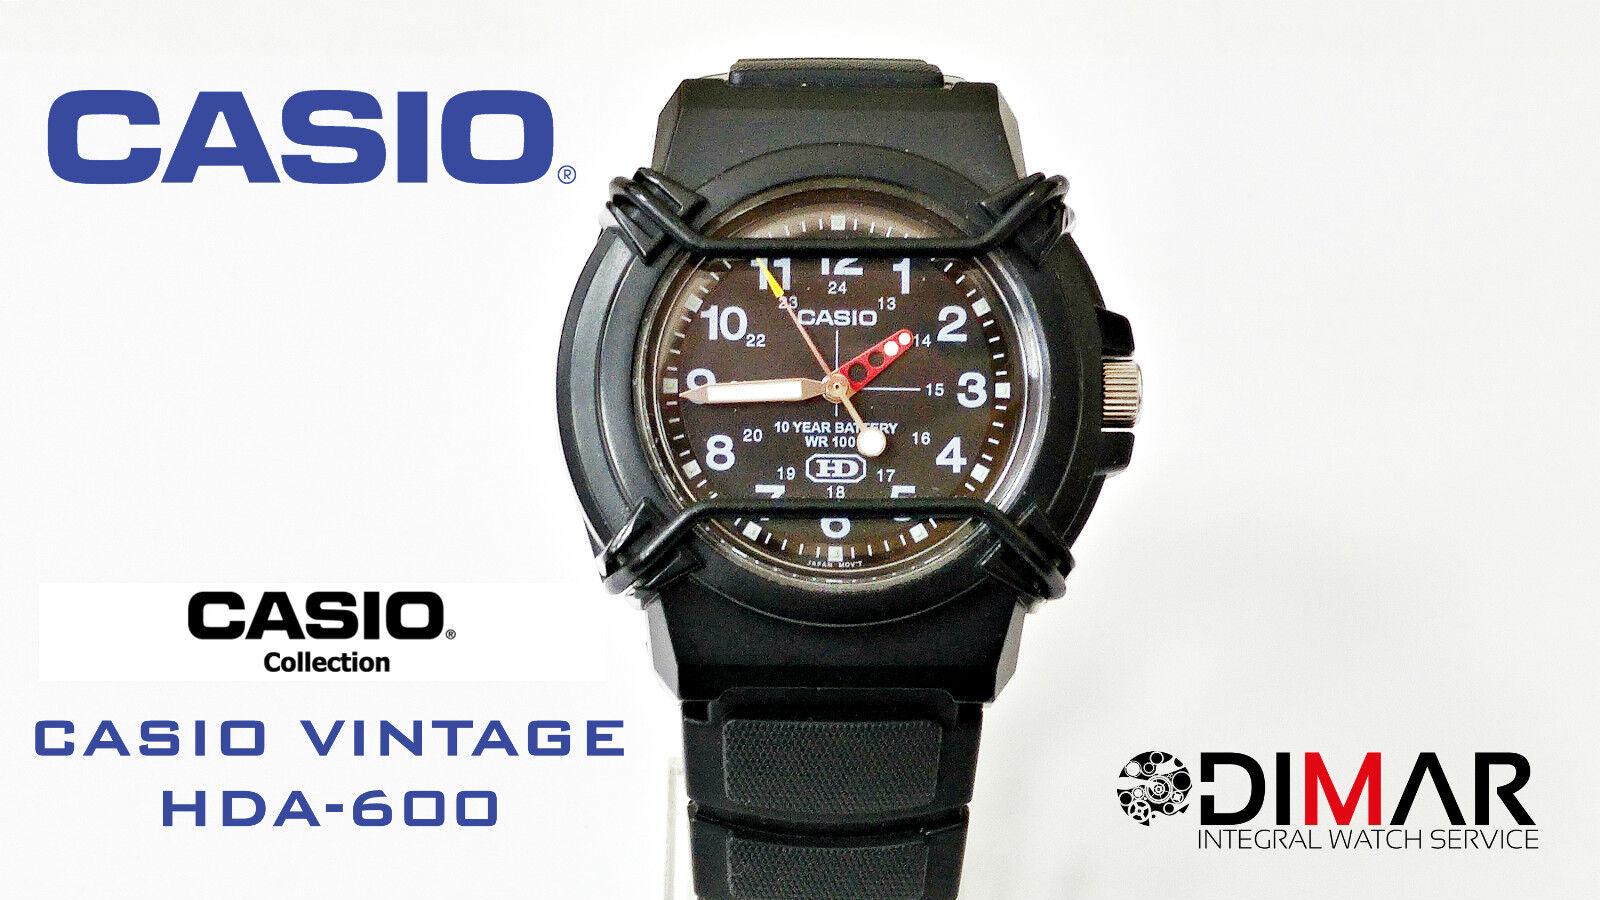 Hdheavy Vintage 1311 600 Casio Hda DutyModule n0wO8Pk